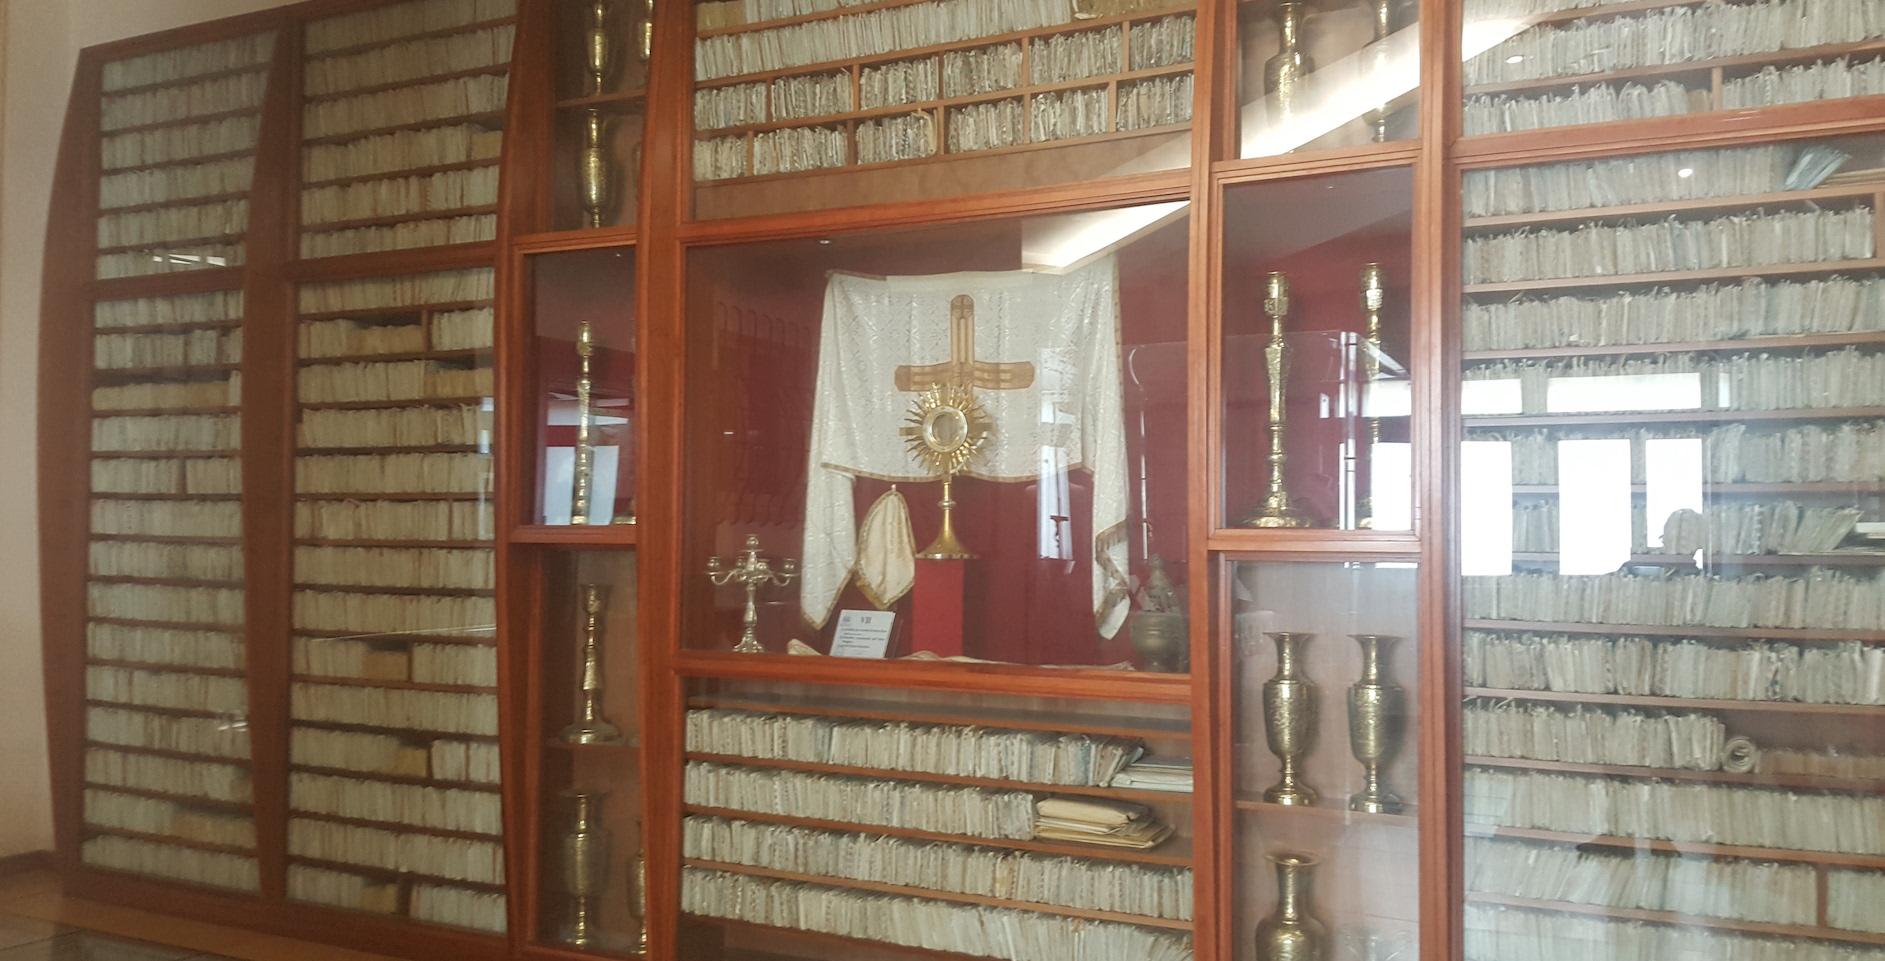 Al convento de capuchinos llegaban cartas desde todas partes del mundo para el Padre Pío (Foto Espiral21)